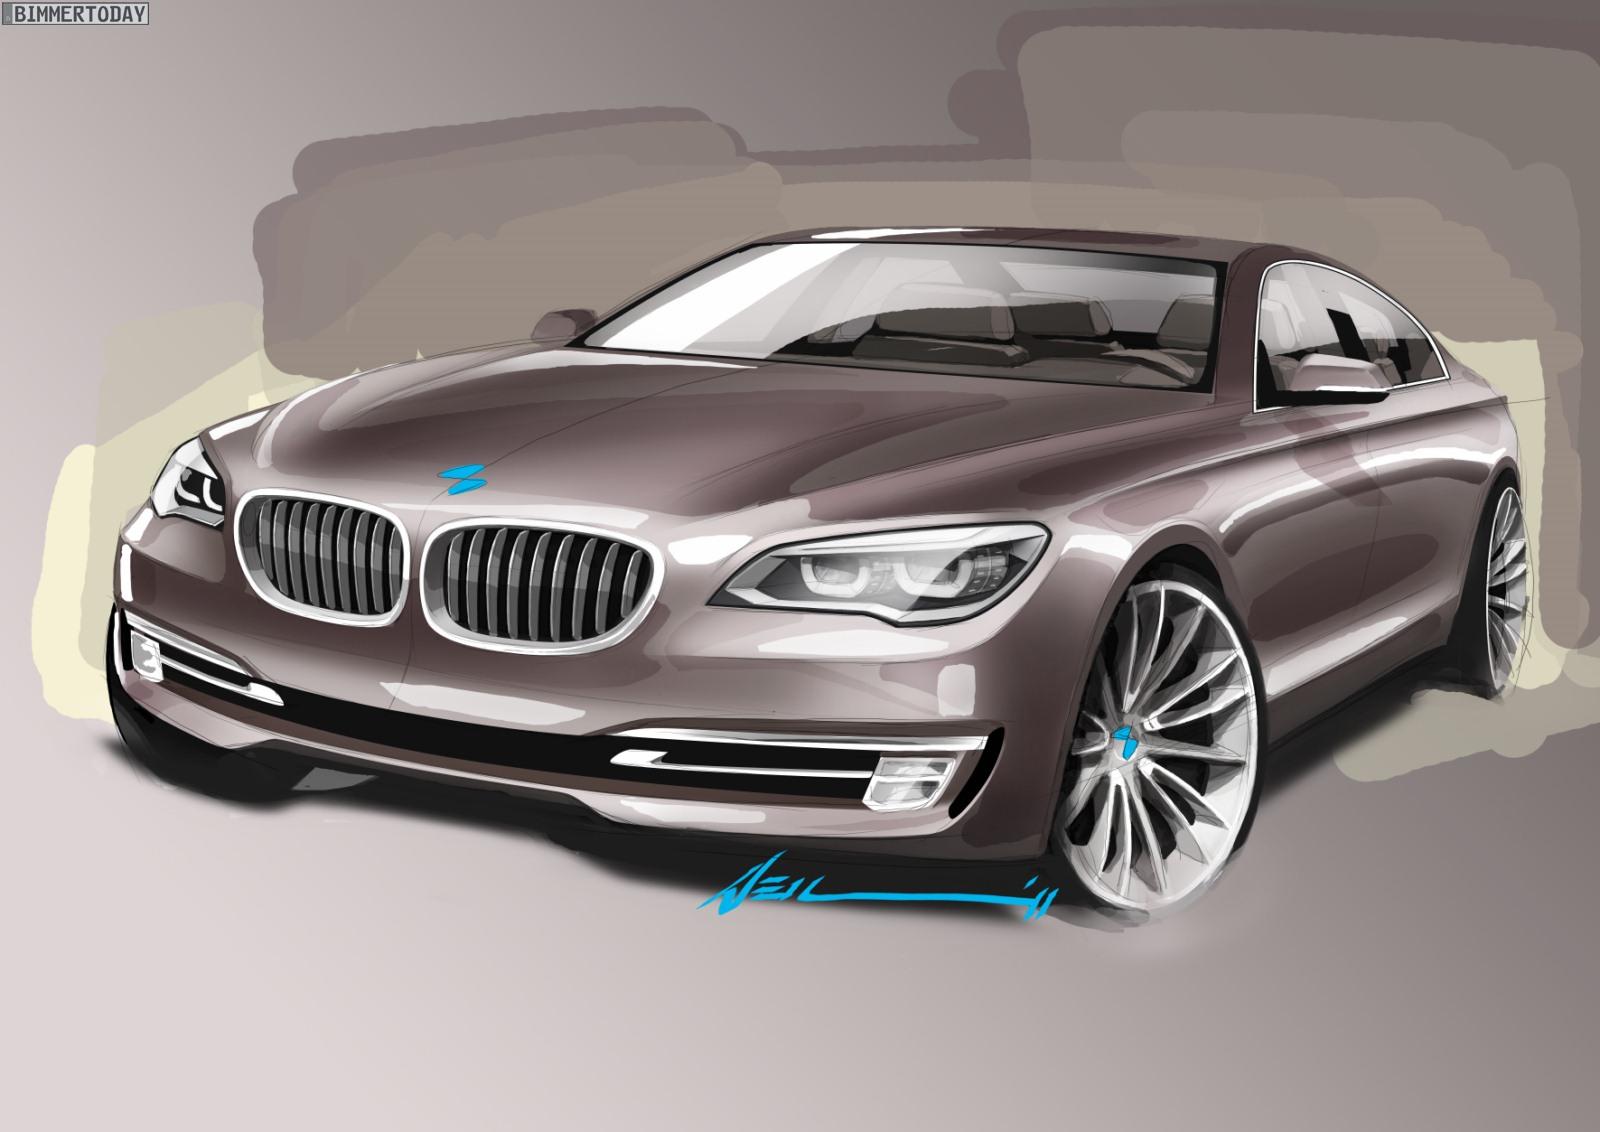 BMW 7er Facelift 2012 F01 LCI Design1